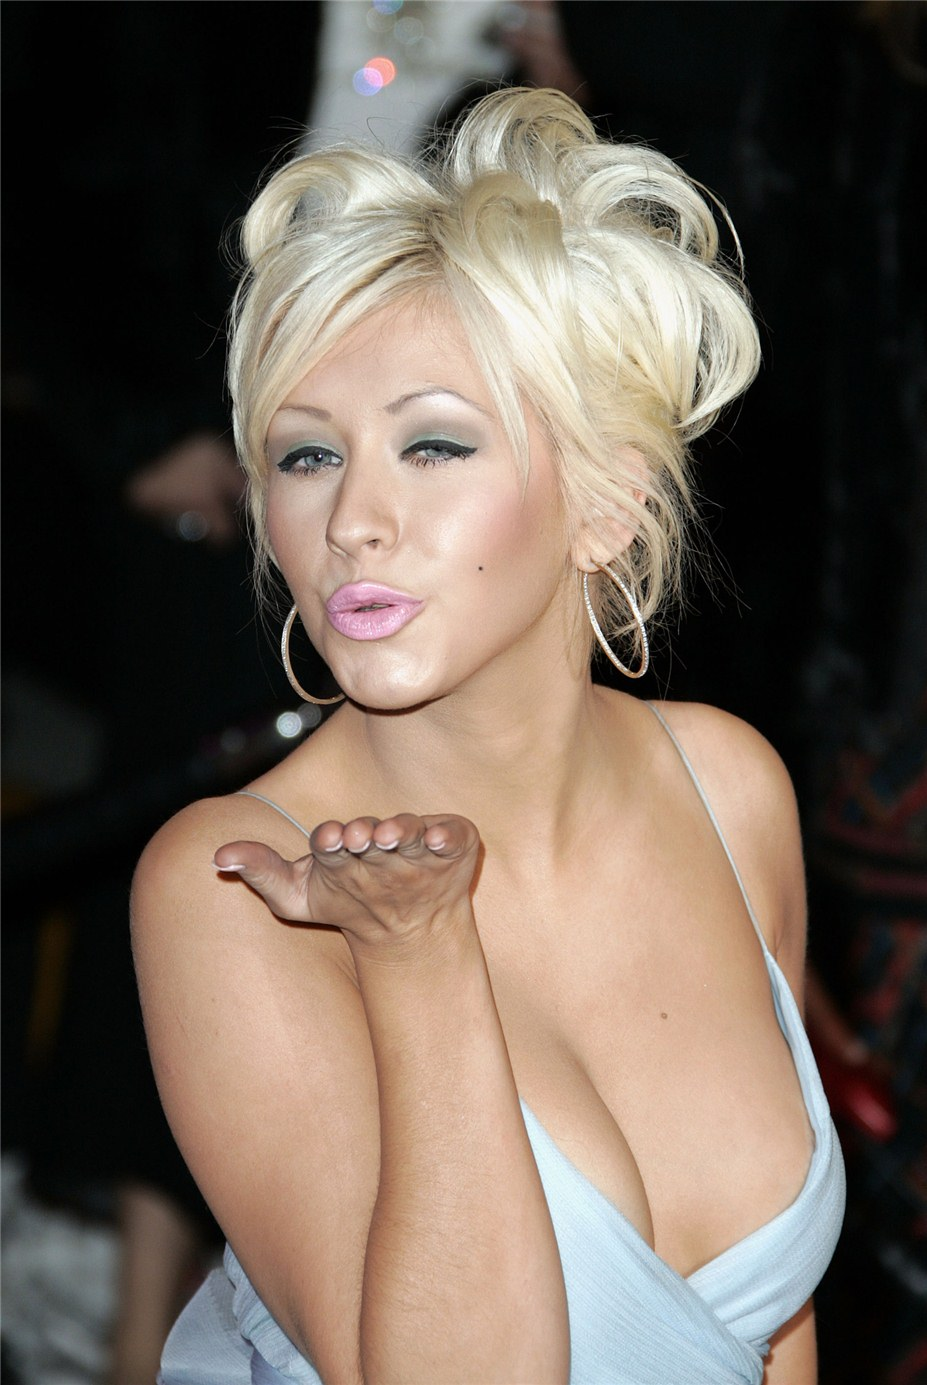 поцелуй звезды / воздушный поцелуй от Кристина Агилера / Christina Aguilera